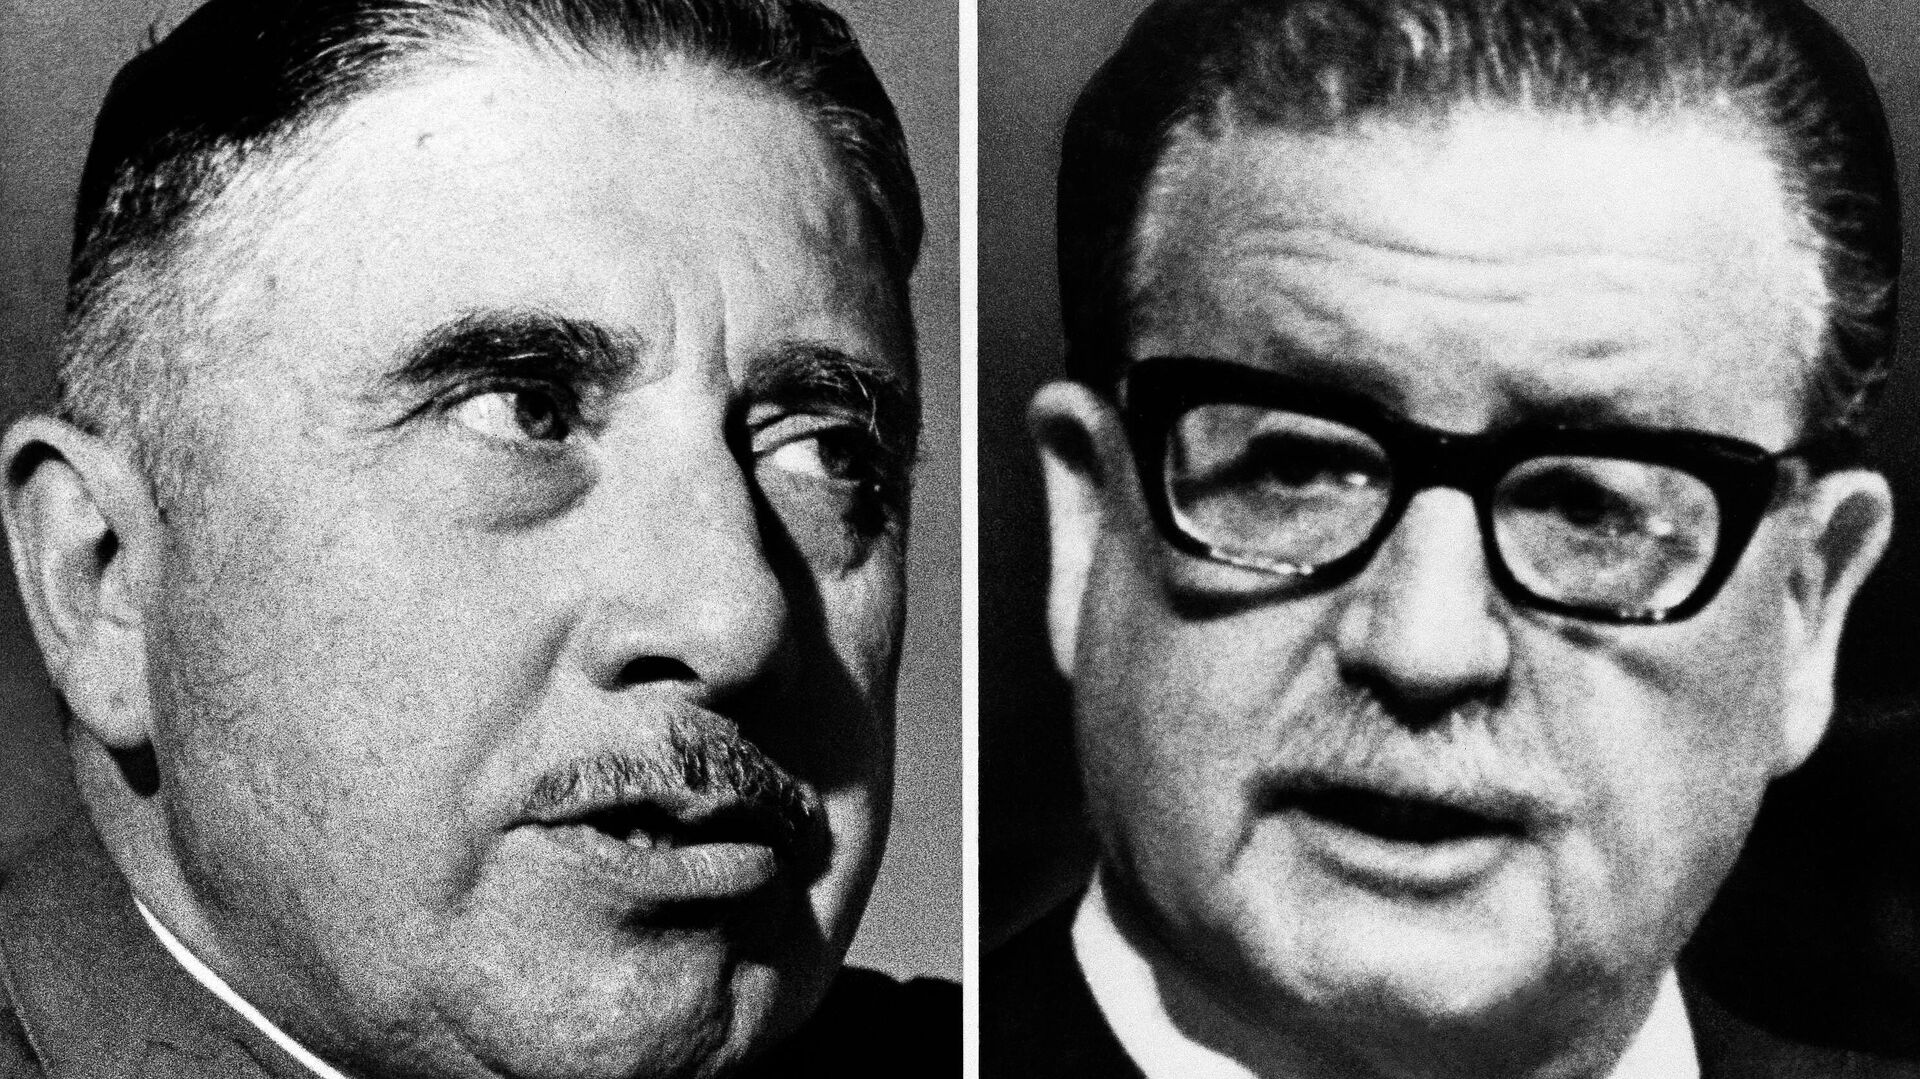 El general Augusto Pinochet, jefe de las Fuerzas Armadas del Chile y Salvador Allende, presidente del país, derrocado a raíz de un golpe de Estado - Sputnik Mundo, 1920, 03.04.2021